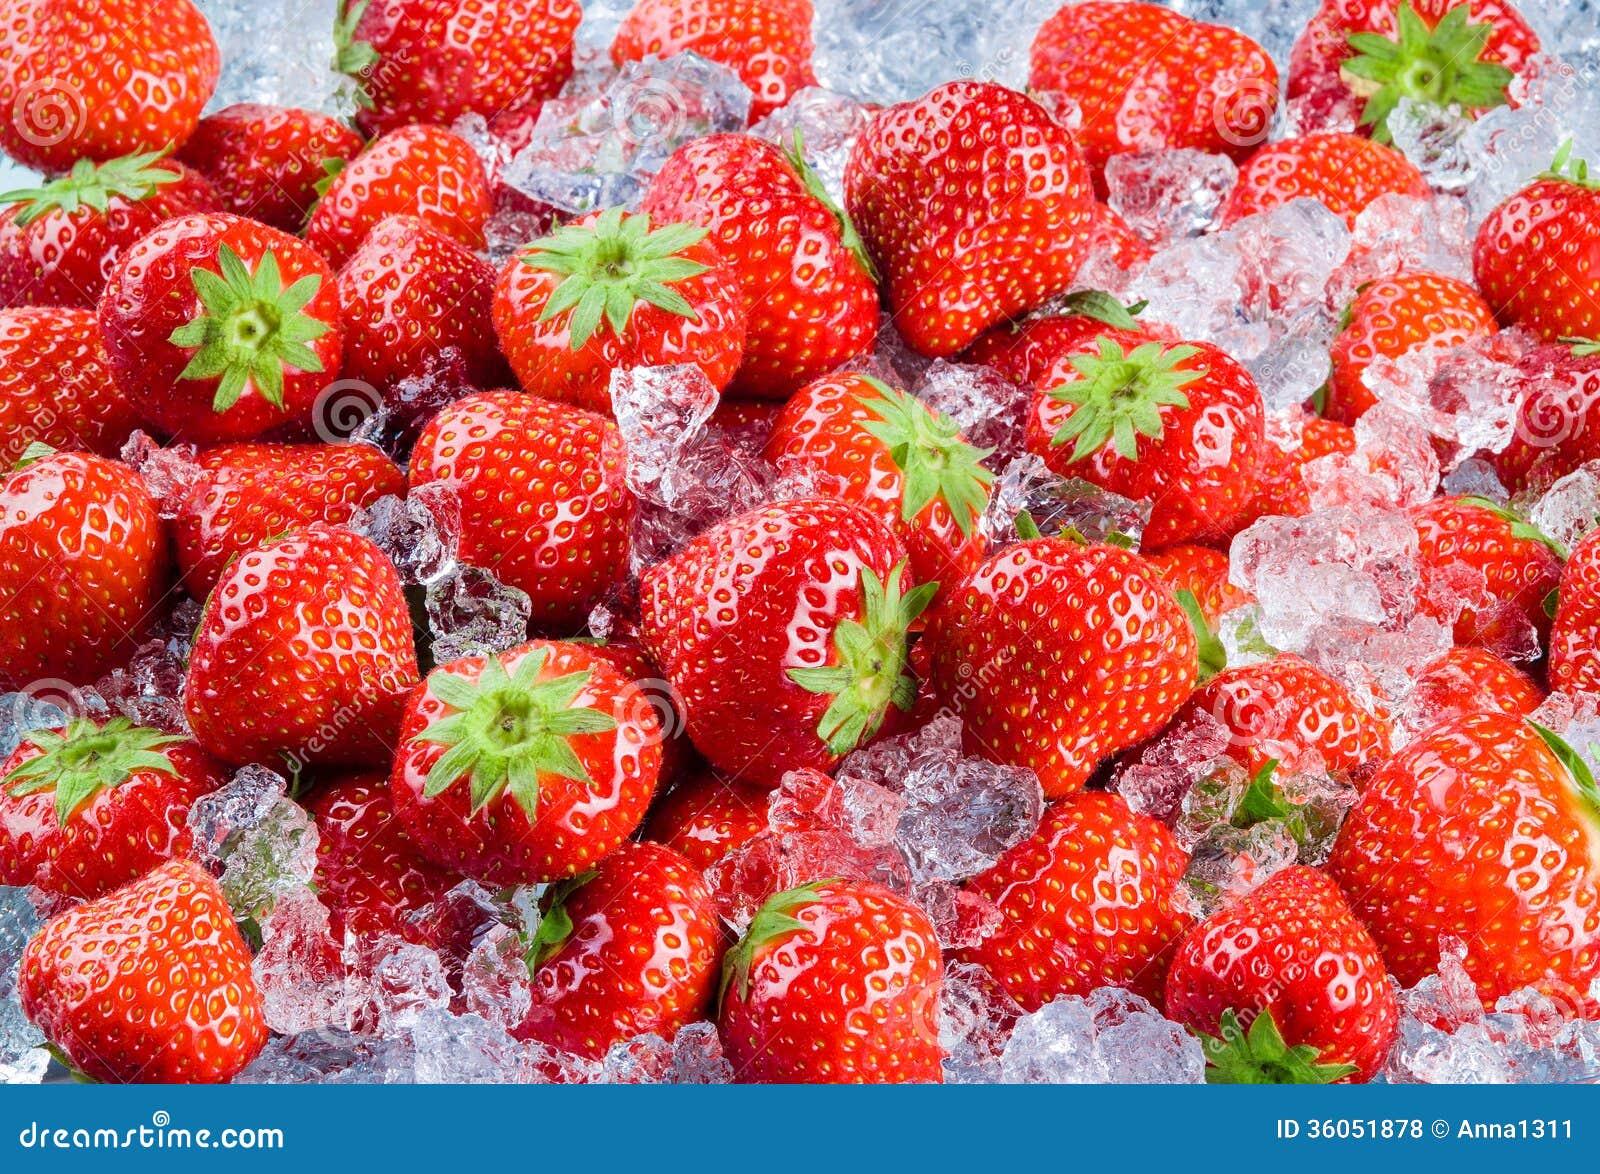 frische reife erdbeere mit eis frucht hintergrund stockfoto bild von frucht frische 36051878. Black Bedroom Furniture Sets. Home Design Ideas